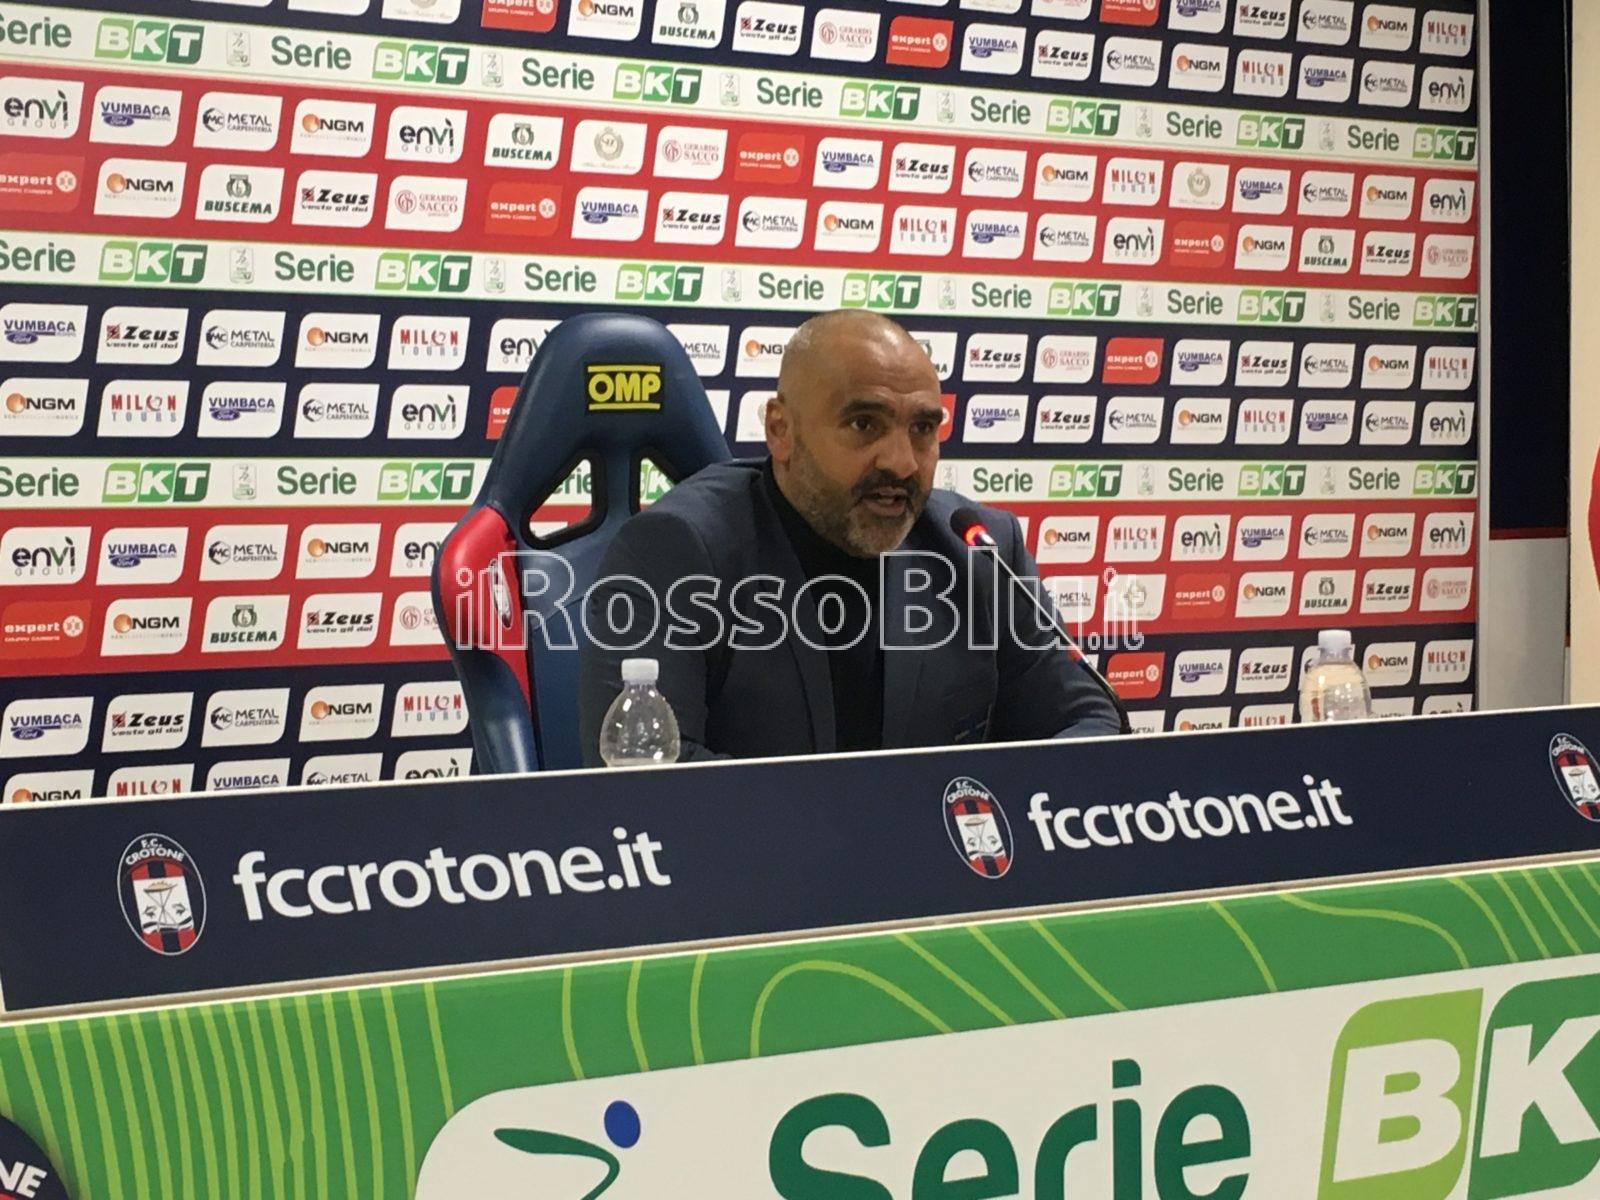 Crotone-Parma | Formazioni Ufficiali: Stroppa cambia in attacco, Liverani non sorprende